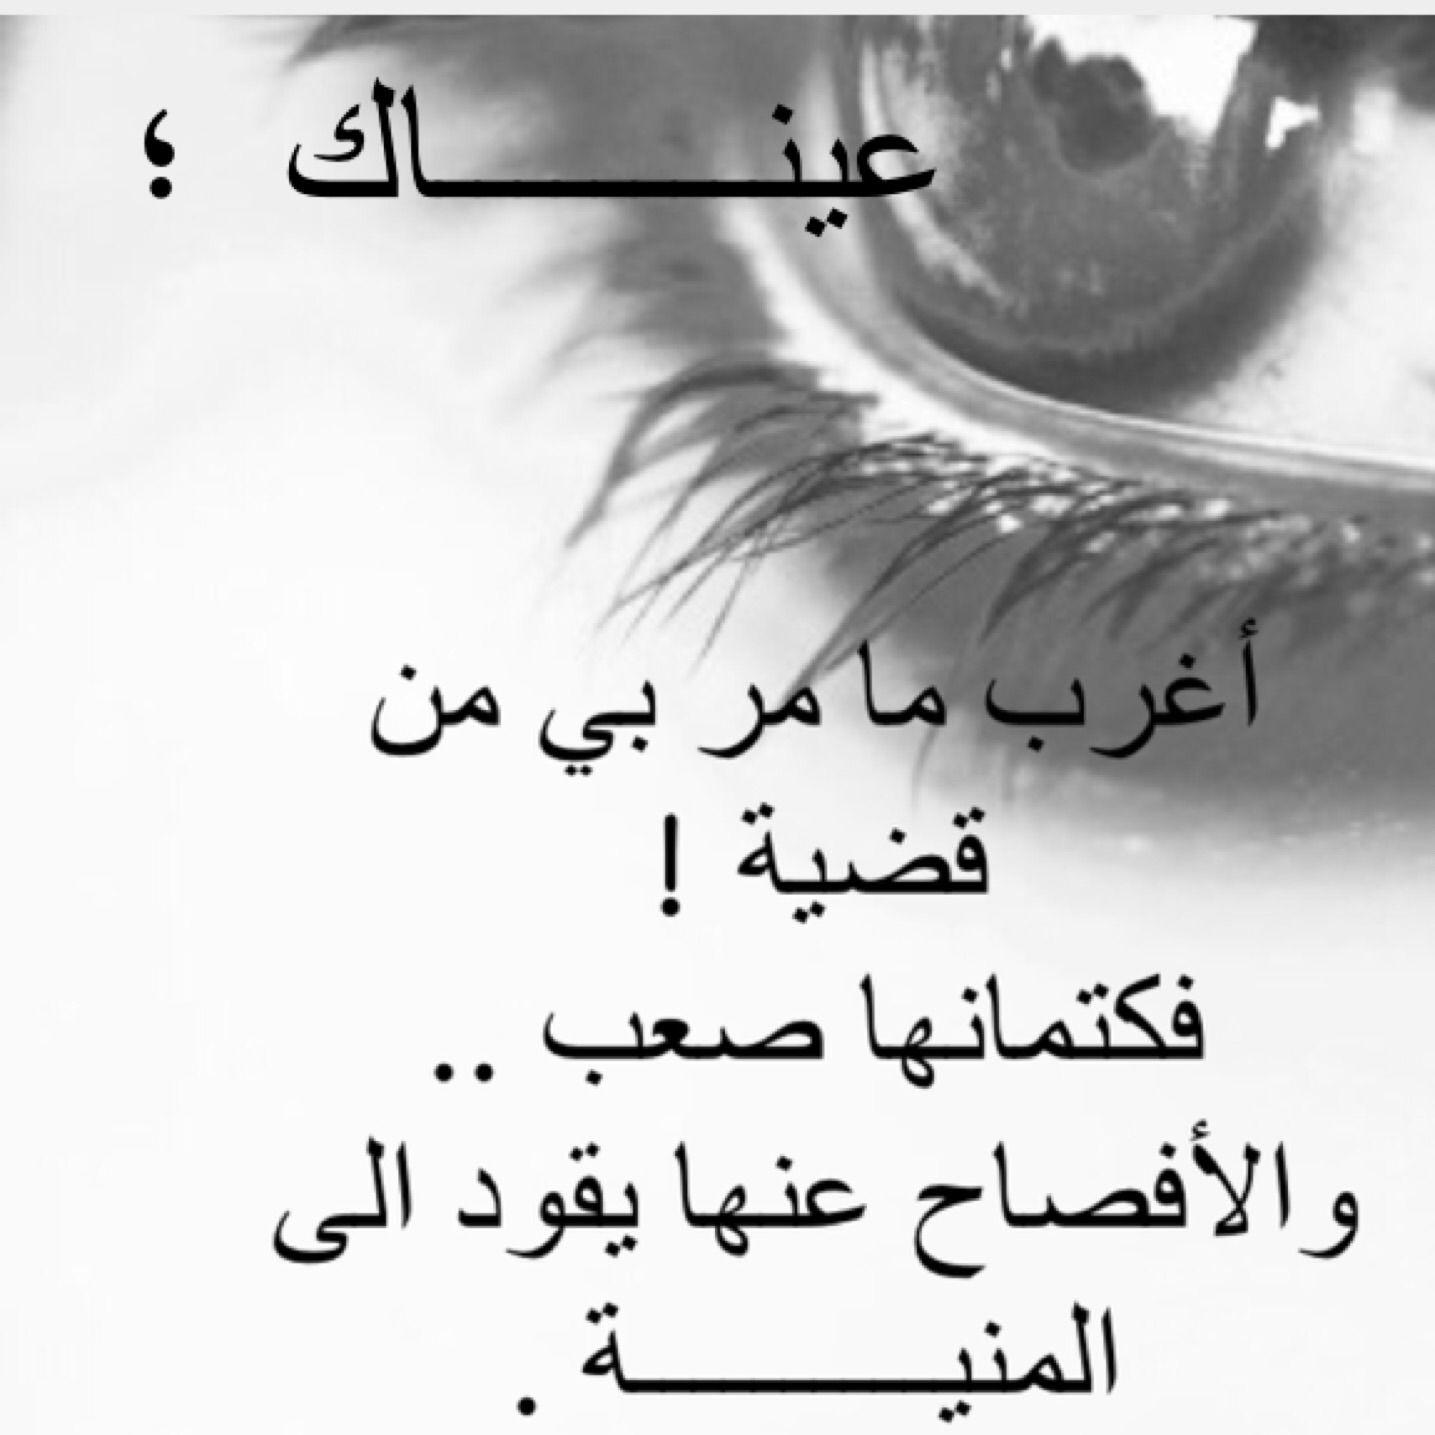 صورة شعر عن الغزل قصير ,اجمل ابيات عن الشعر والرومانسيه 7286 4